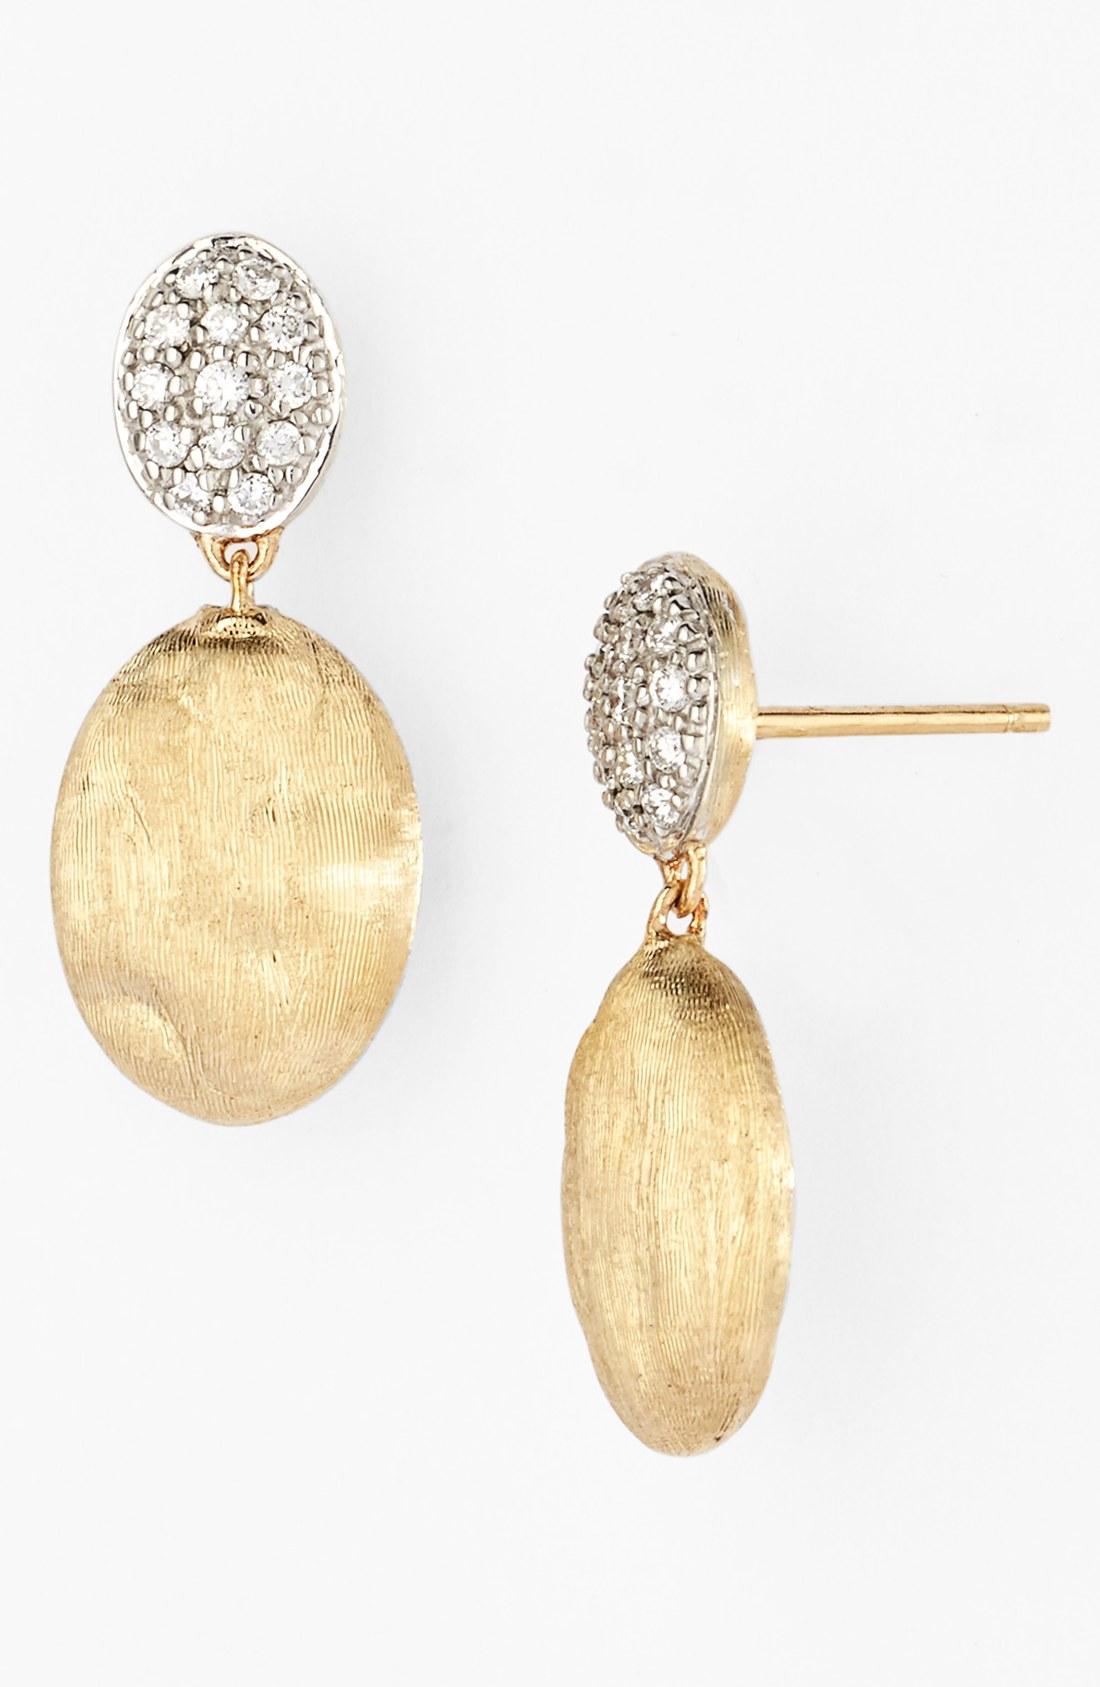 Marco Bicego Siviglia Diamond Drop Earrings in Gold